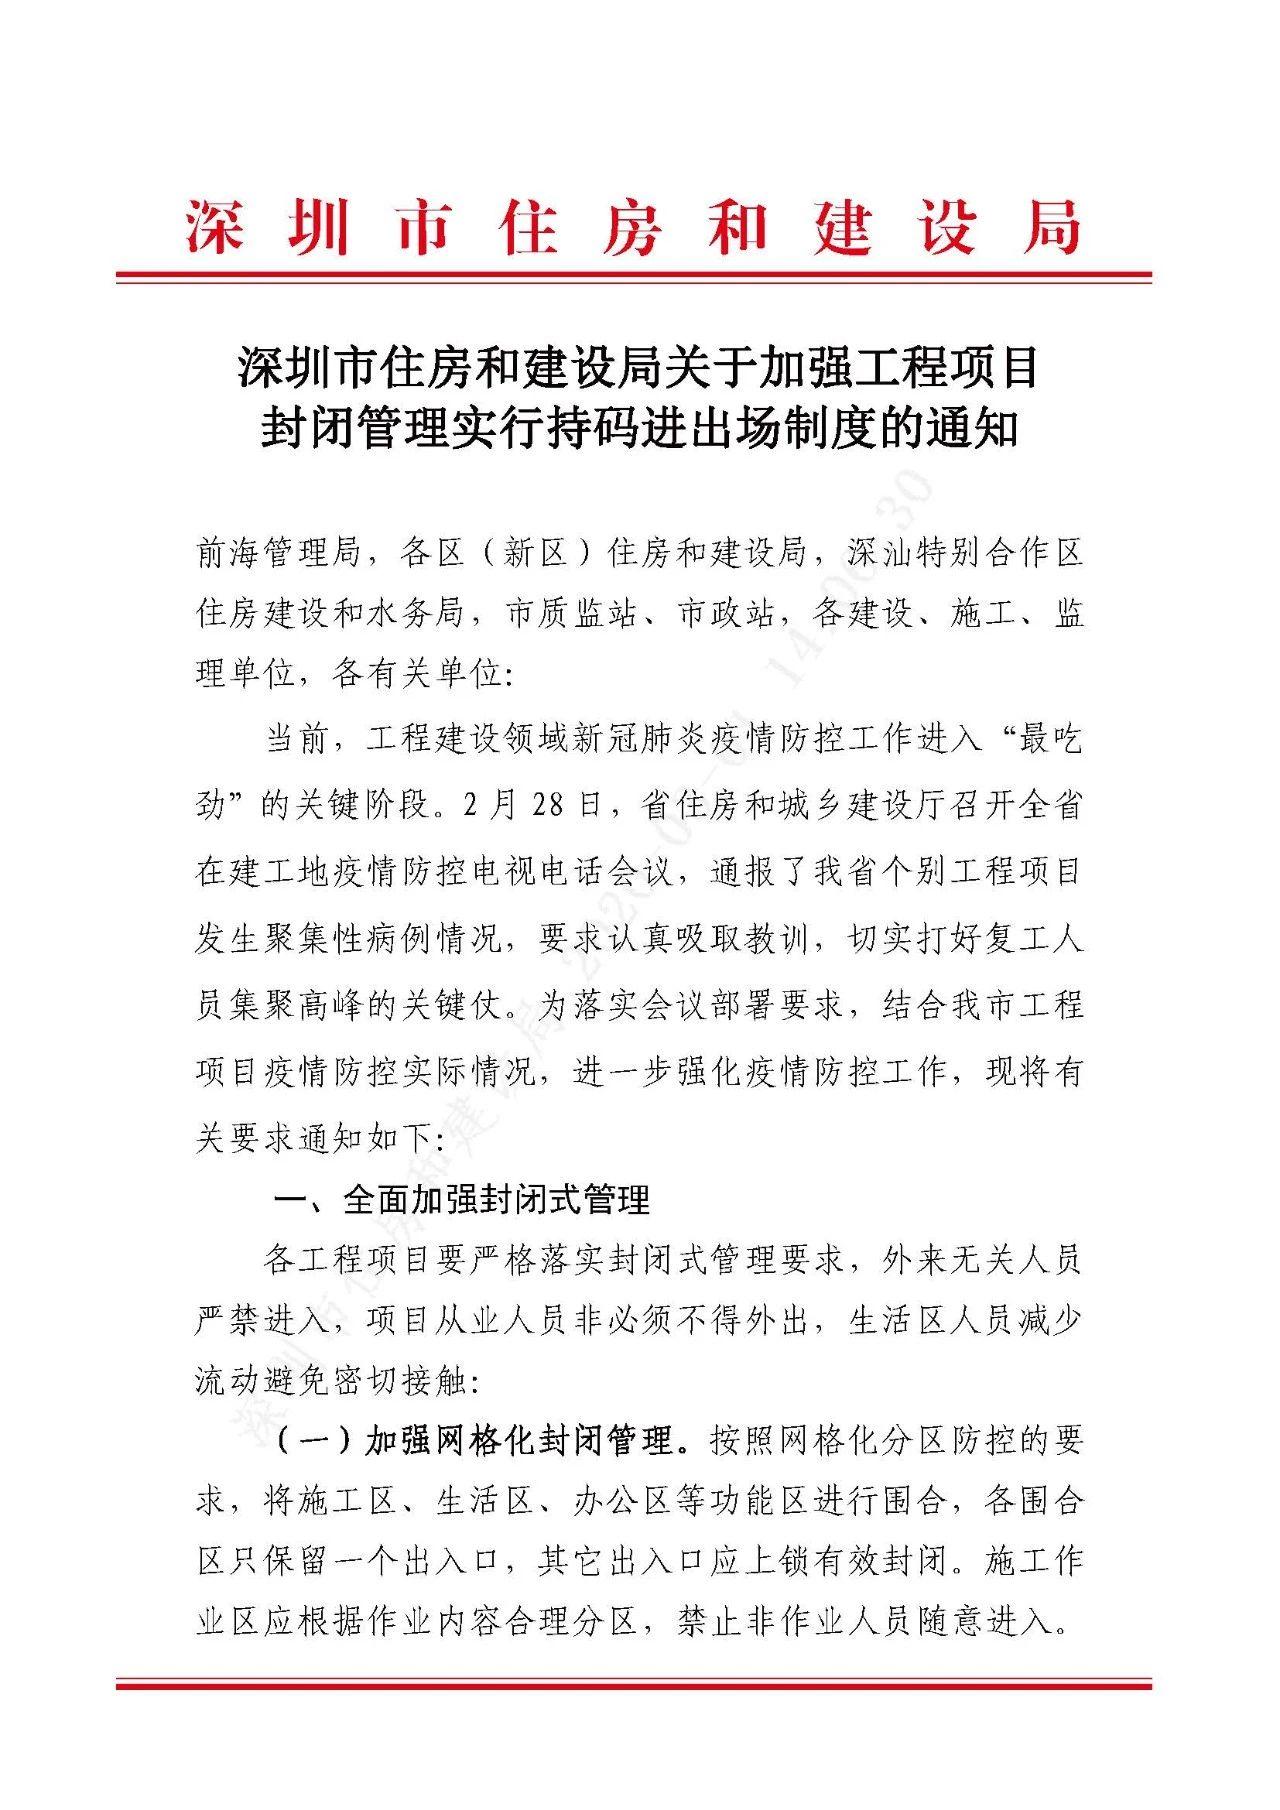 深圳市住房和建设局关于加强工程项目封闭管理实行持码进出场制度的通知